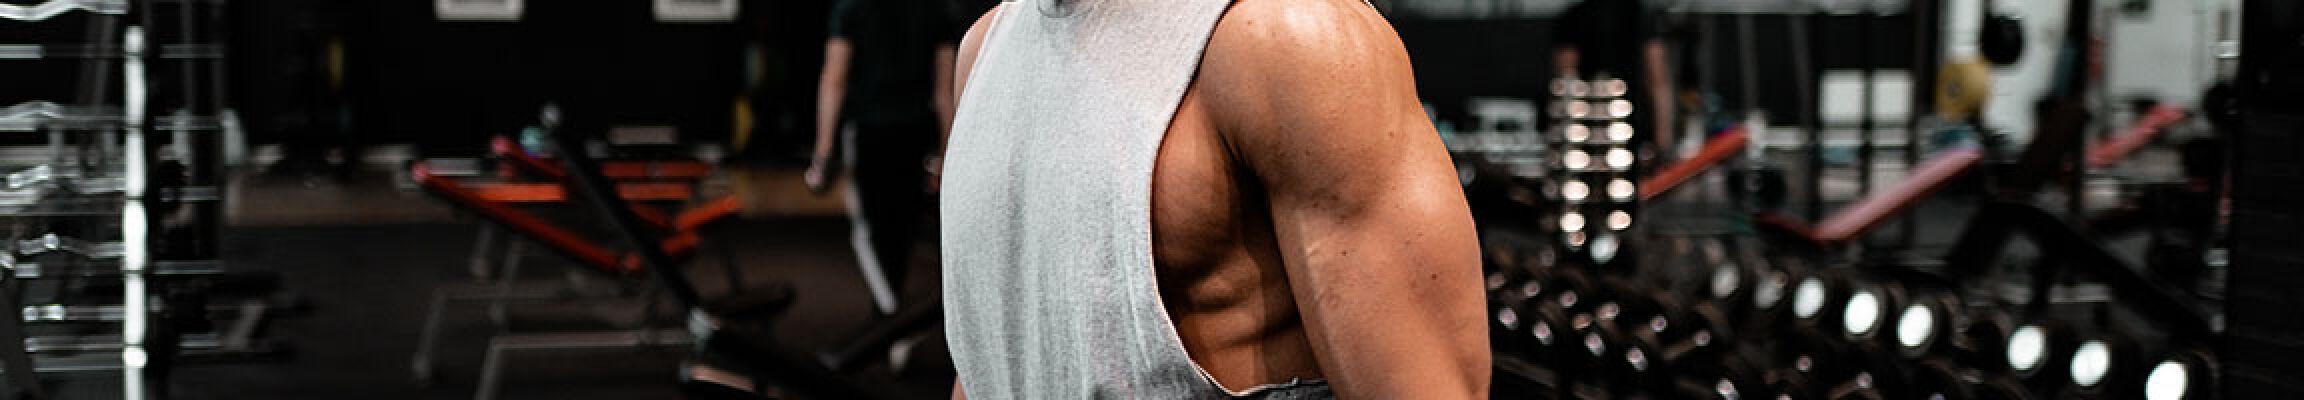 Isolationsübungen für Muskelaufbau - Das sind die Vorteile